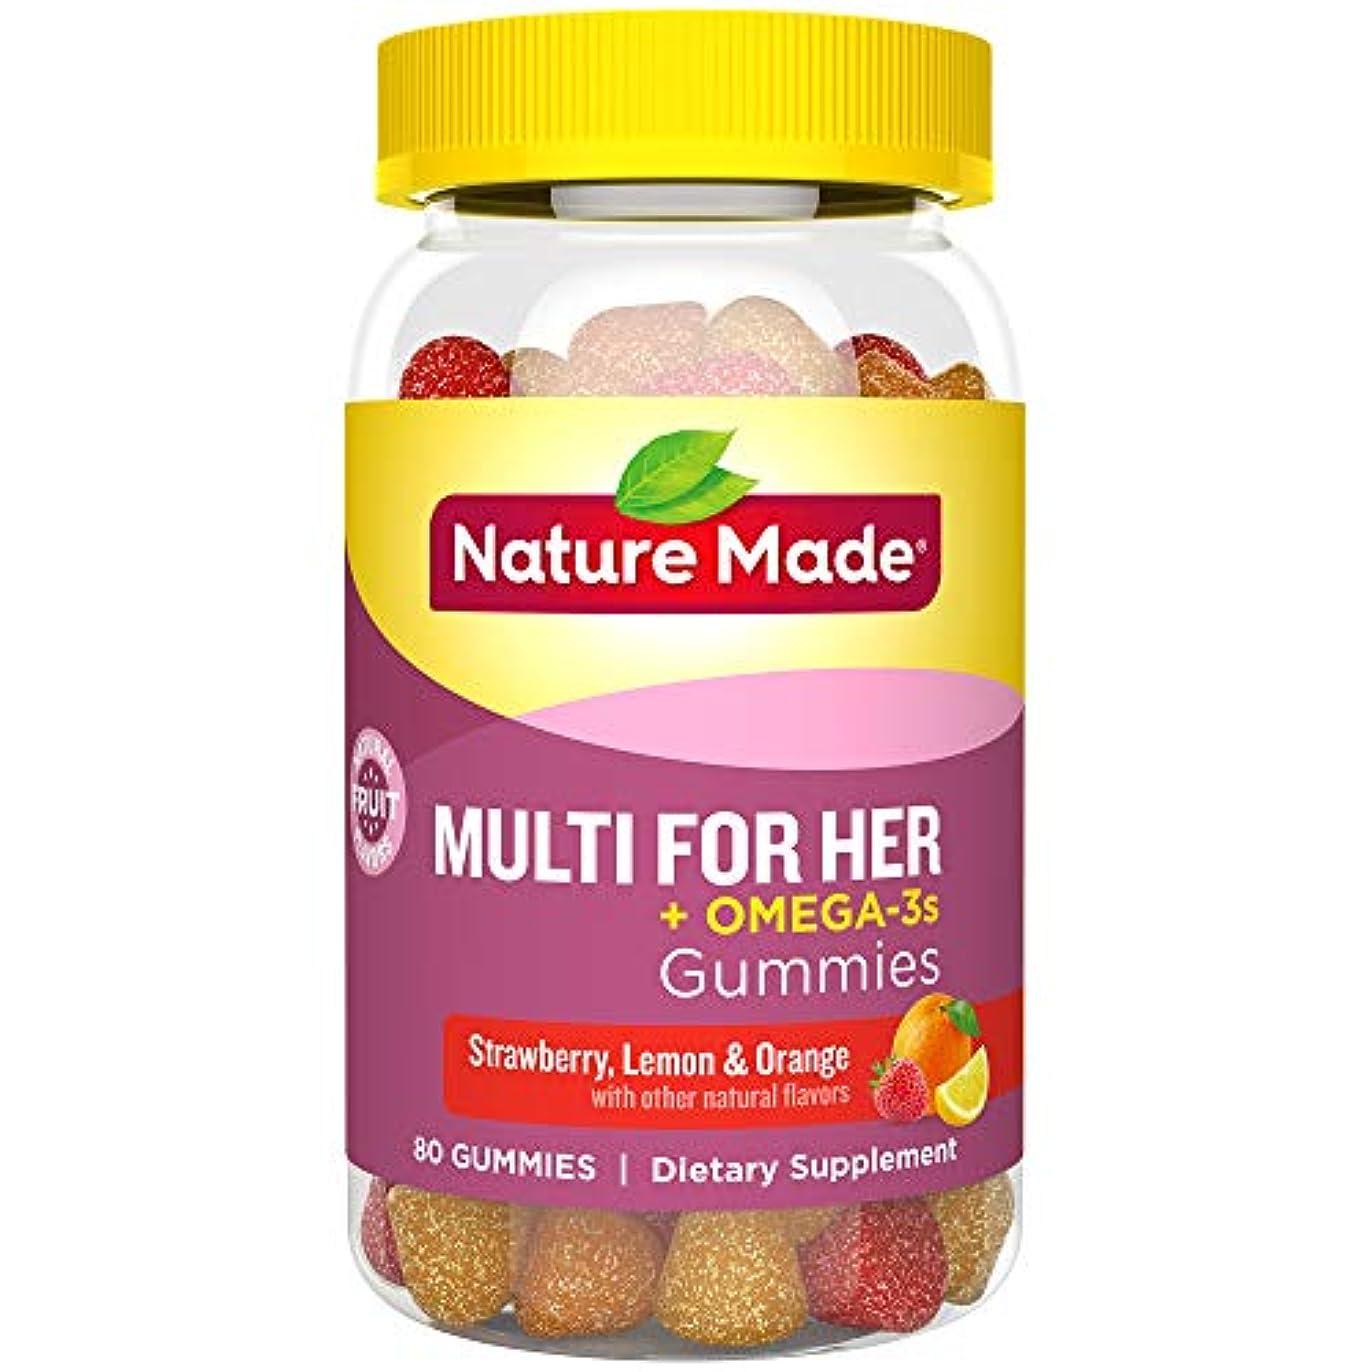 放課後裂け目誘惑Nature Made Multi for Her + Omega-3 Adult Gummies EPA and DHA 80Gummies